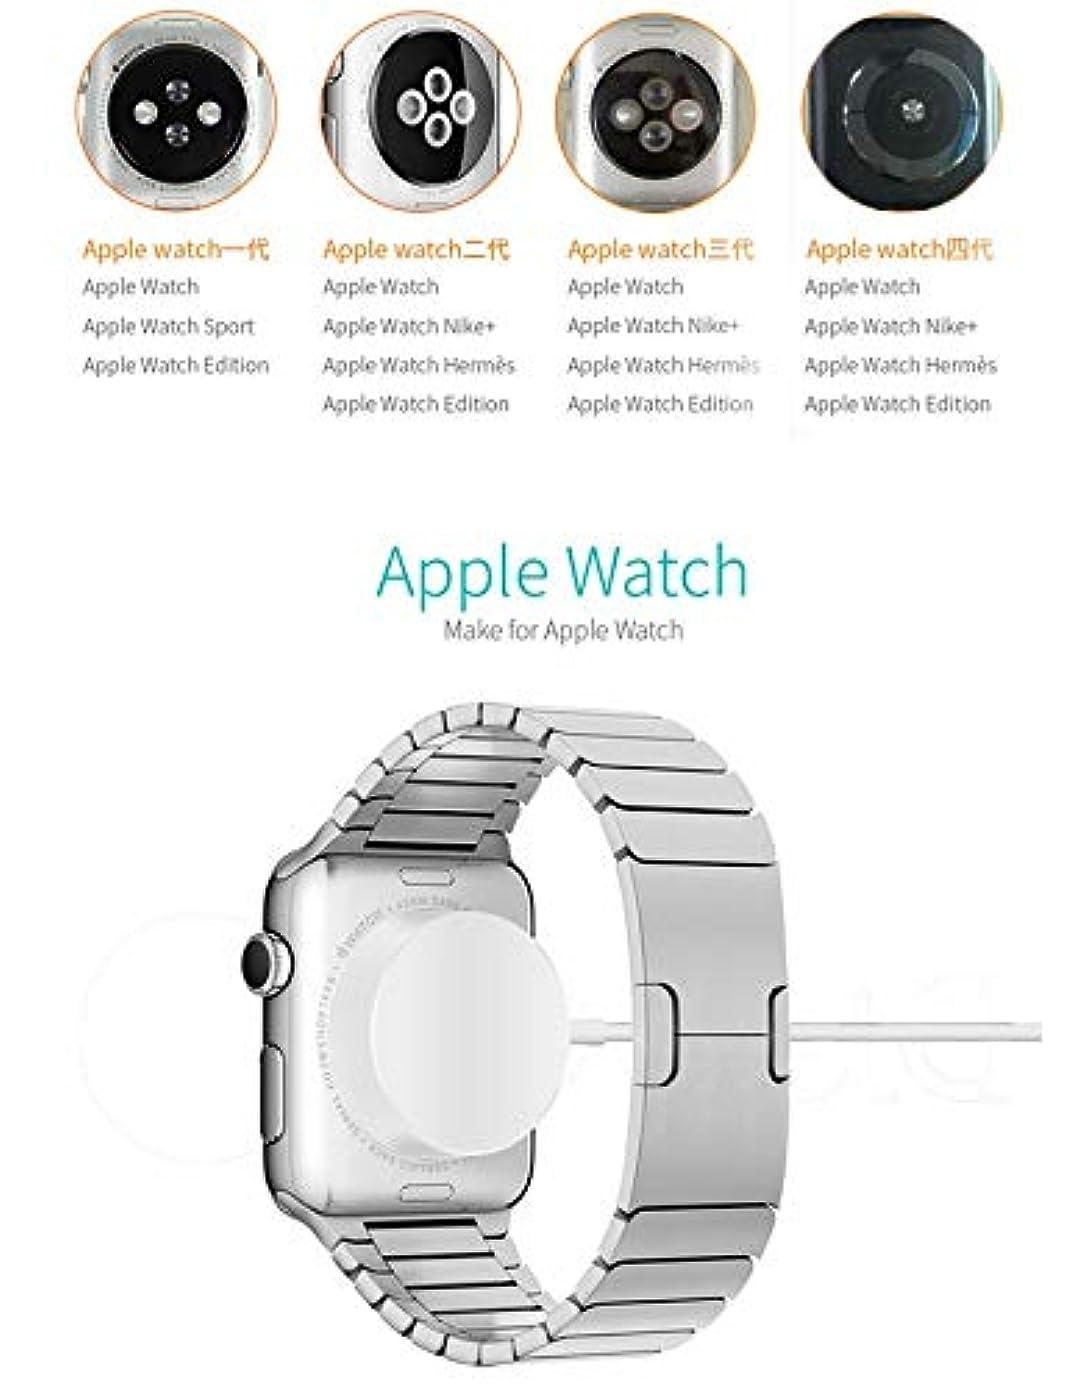 綺麗な汗圧力Rabugoo Apple Watch用QIワイヤレスチャージャーiwatch 1 2 3 4 Fast Charging Station用磁気チャージャ PCホワイトシェル安定恒温